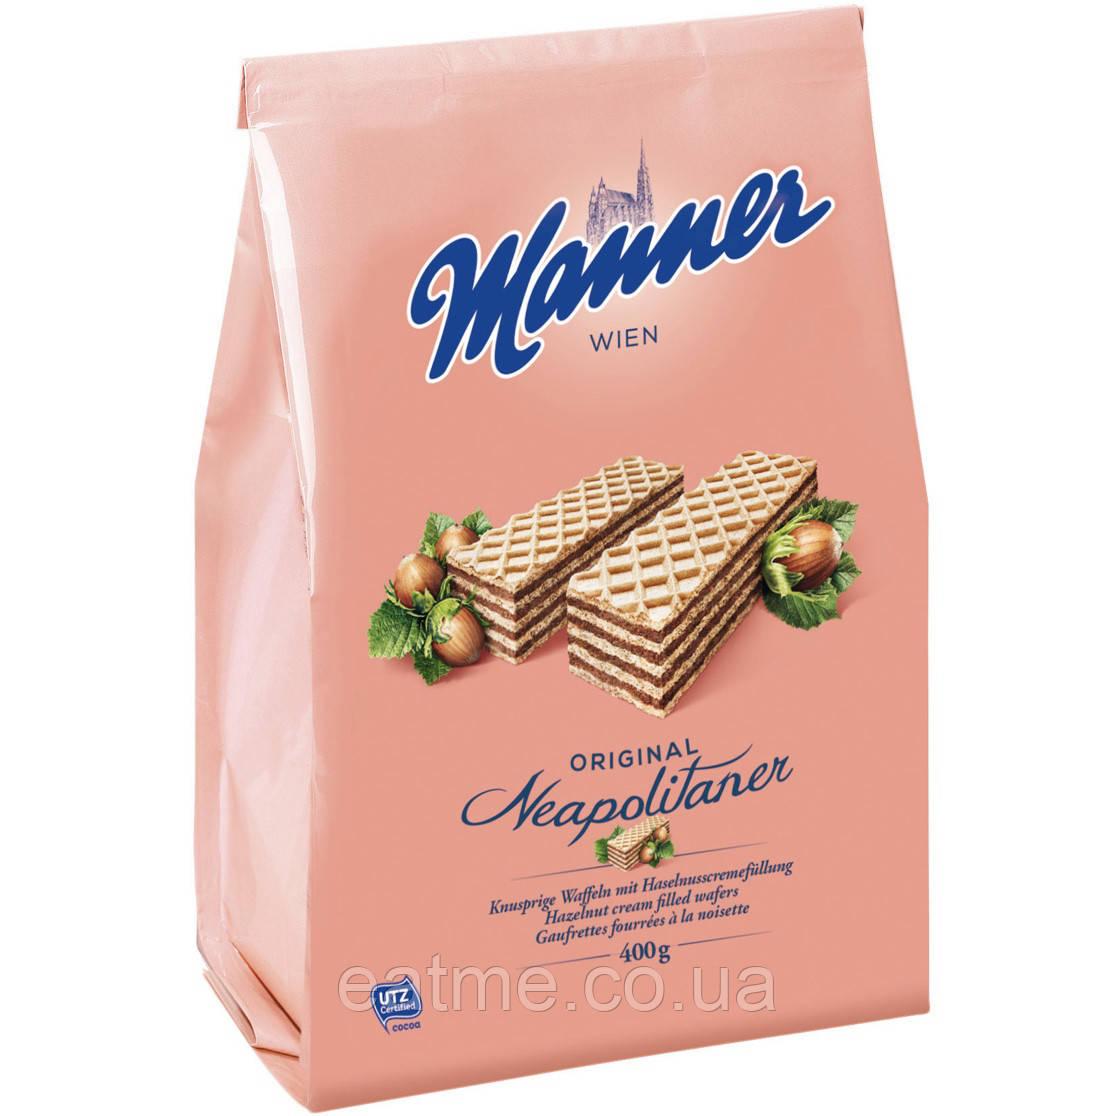 Manner Невероятно вкусные Венские вафли с шоколадно-ореховой начинкой